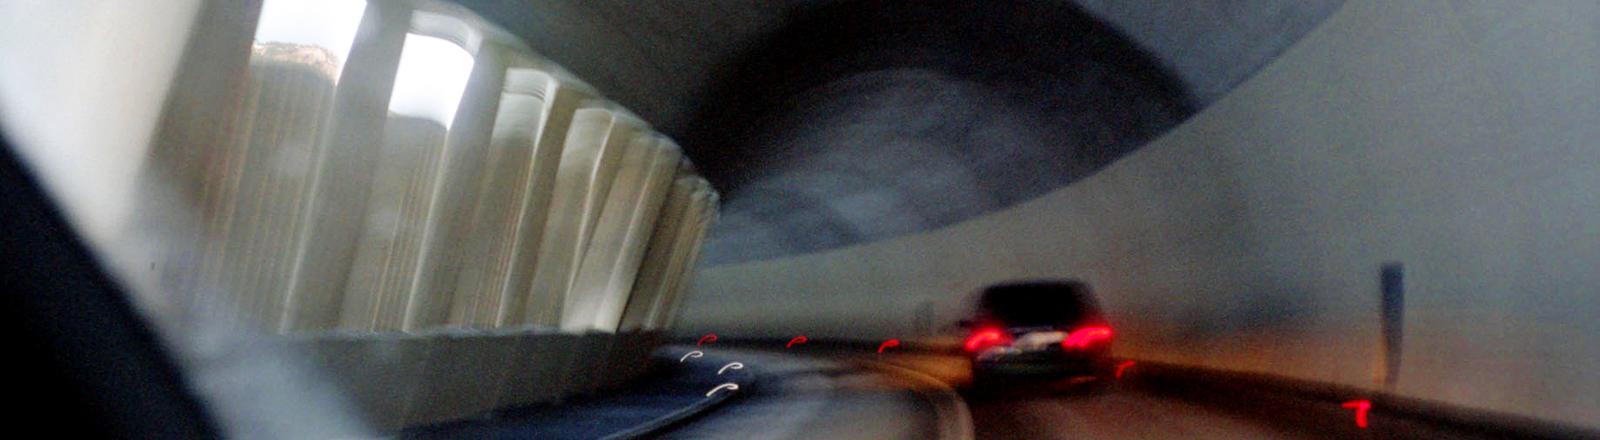 Verschwommene Autorücklichter in einem Tunnel.